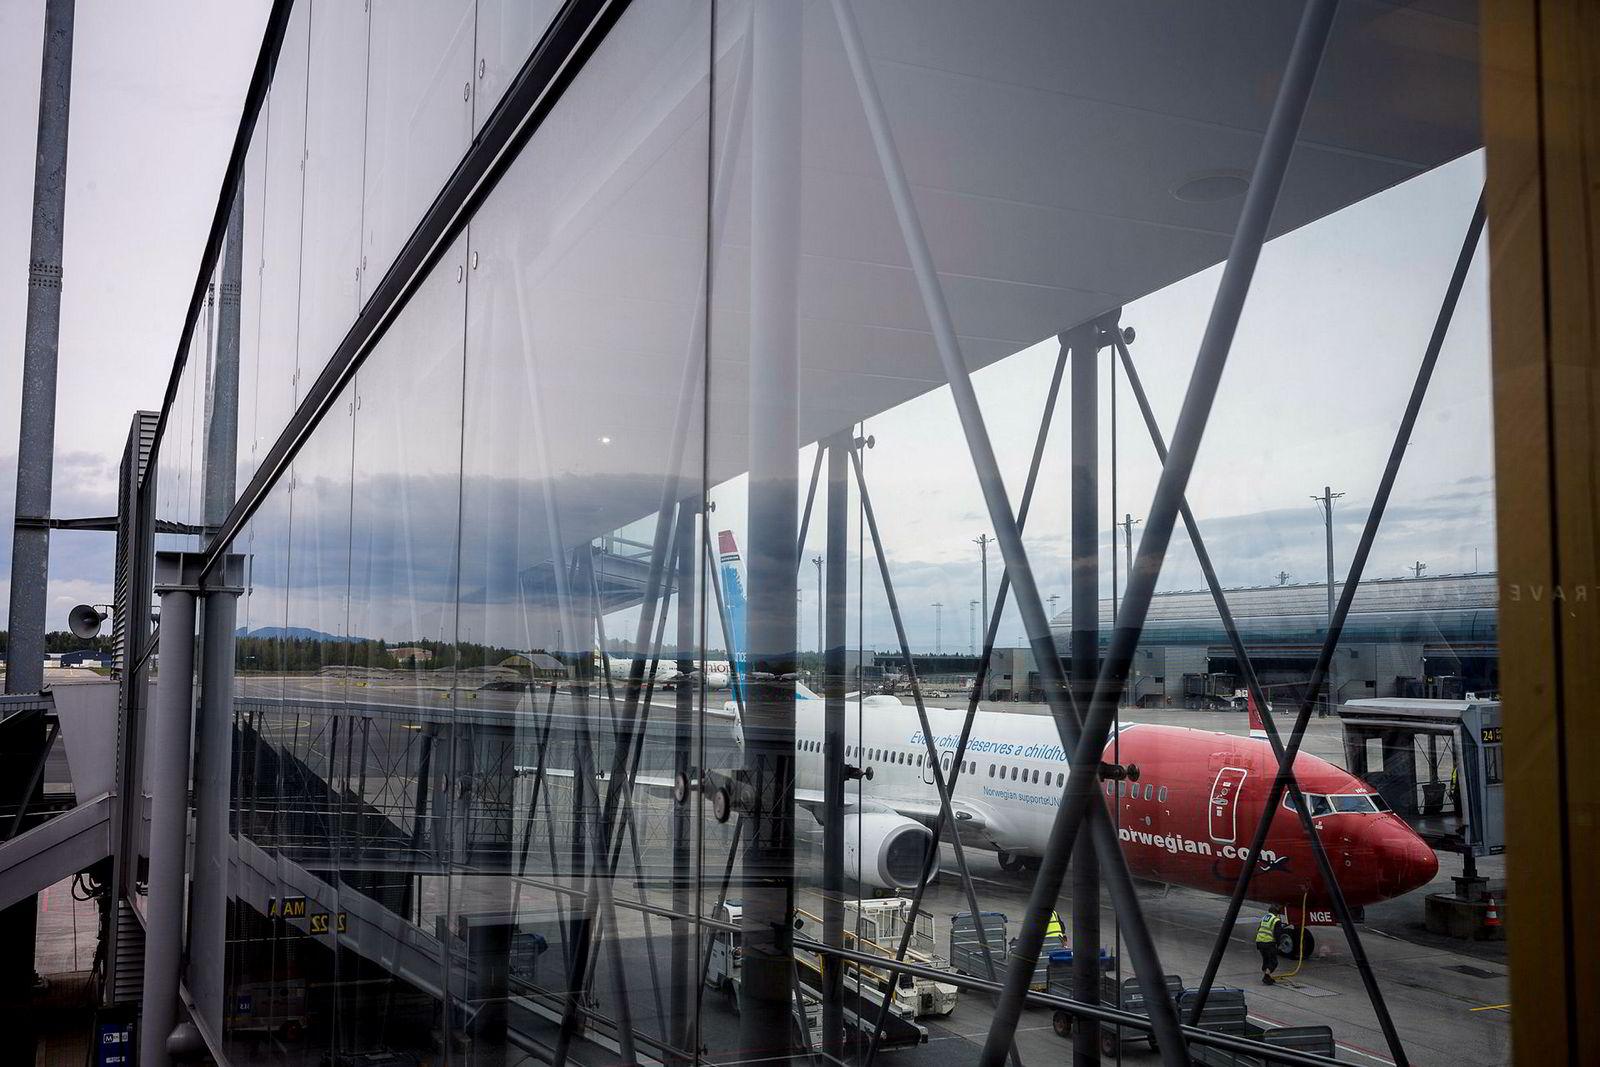 På Oslo lufthavn fortsetter trafikkveksten inn i 2019. Norwegian peker på nyere fly, men har klart størst trafikkvekst – og dermed vekst i samlede utslipp – siste ti år.